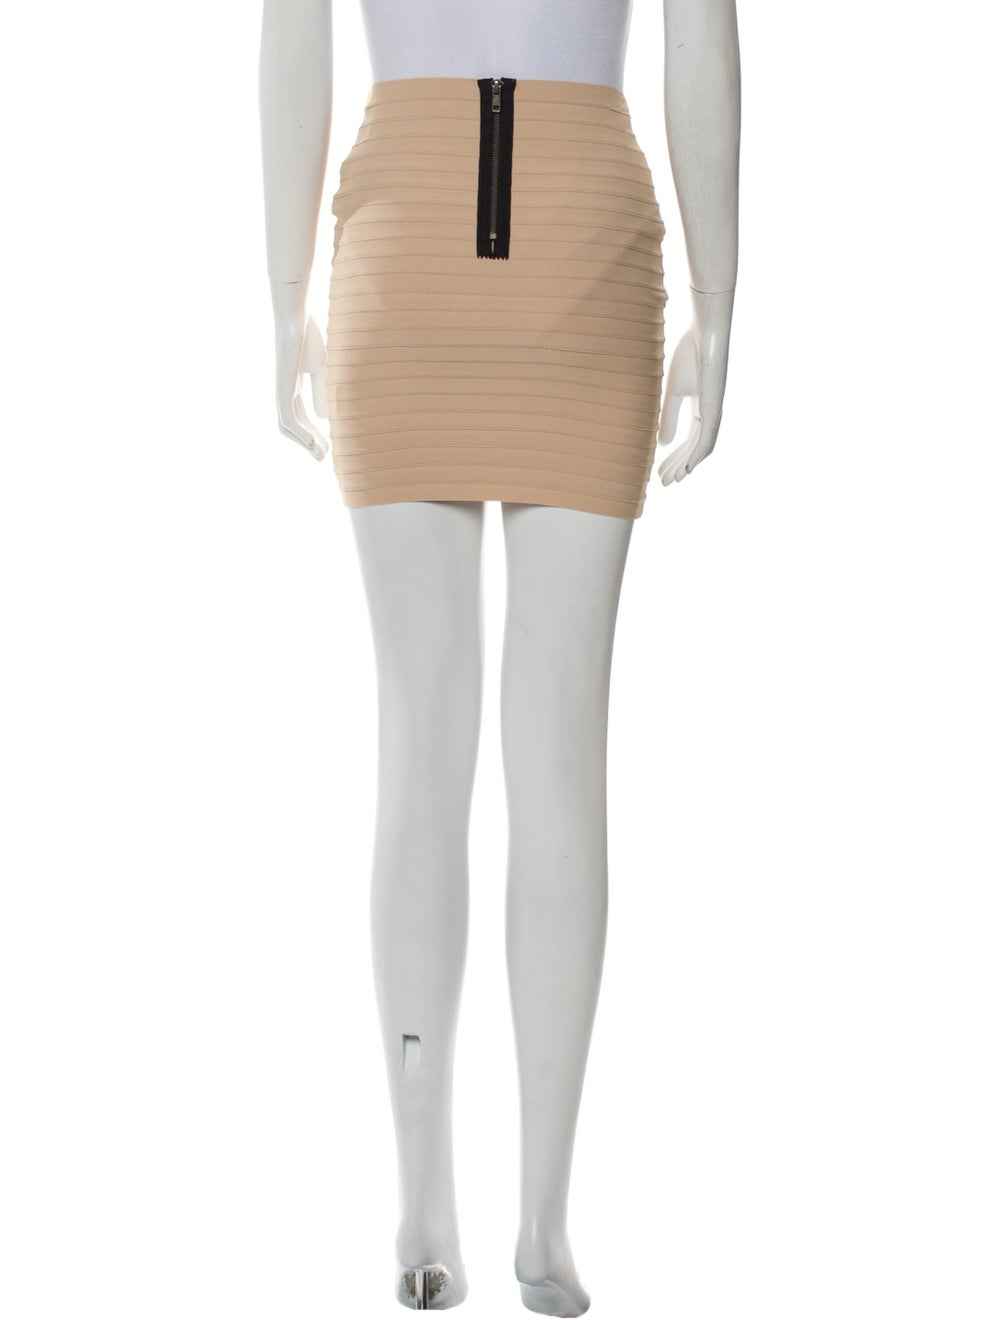 A.l.c. Mini Skirt - image 3